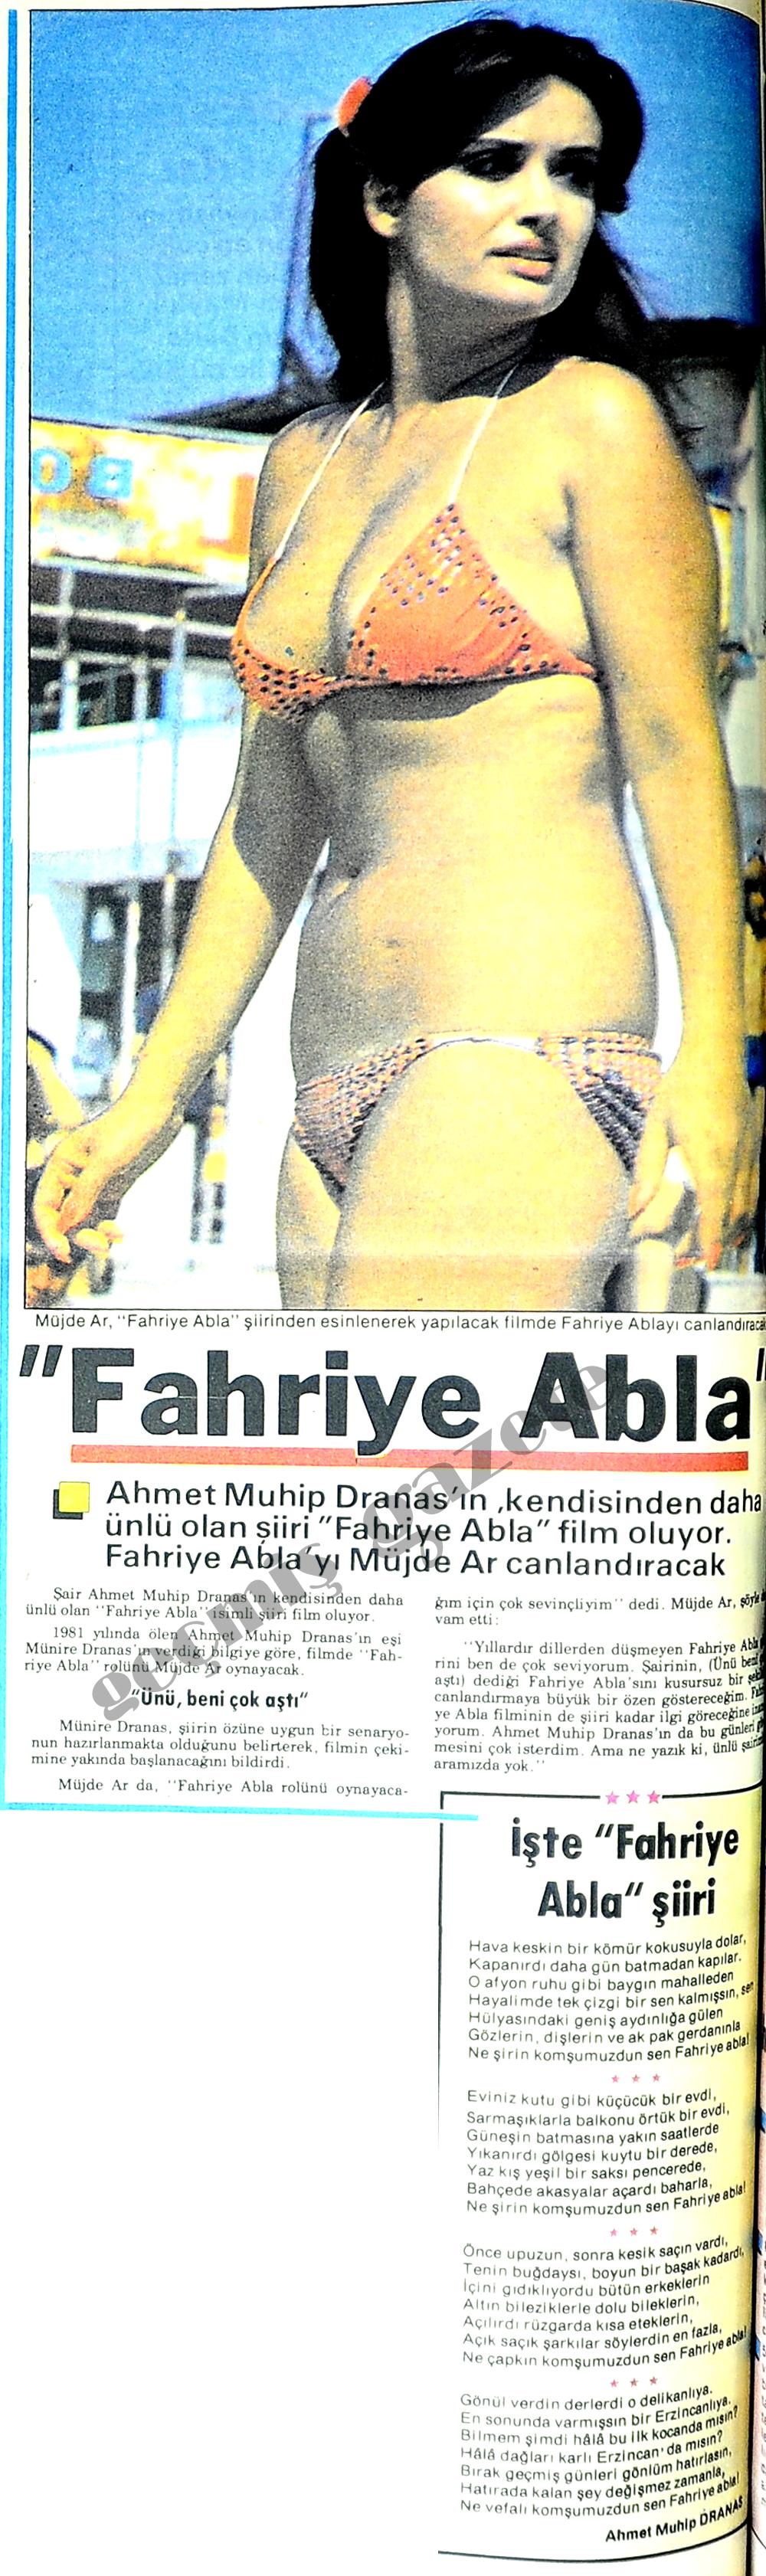 Fahriye Abla